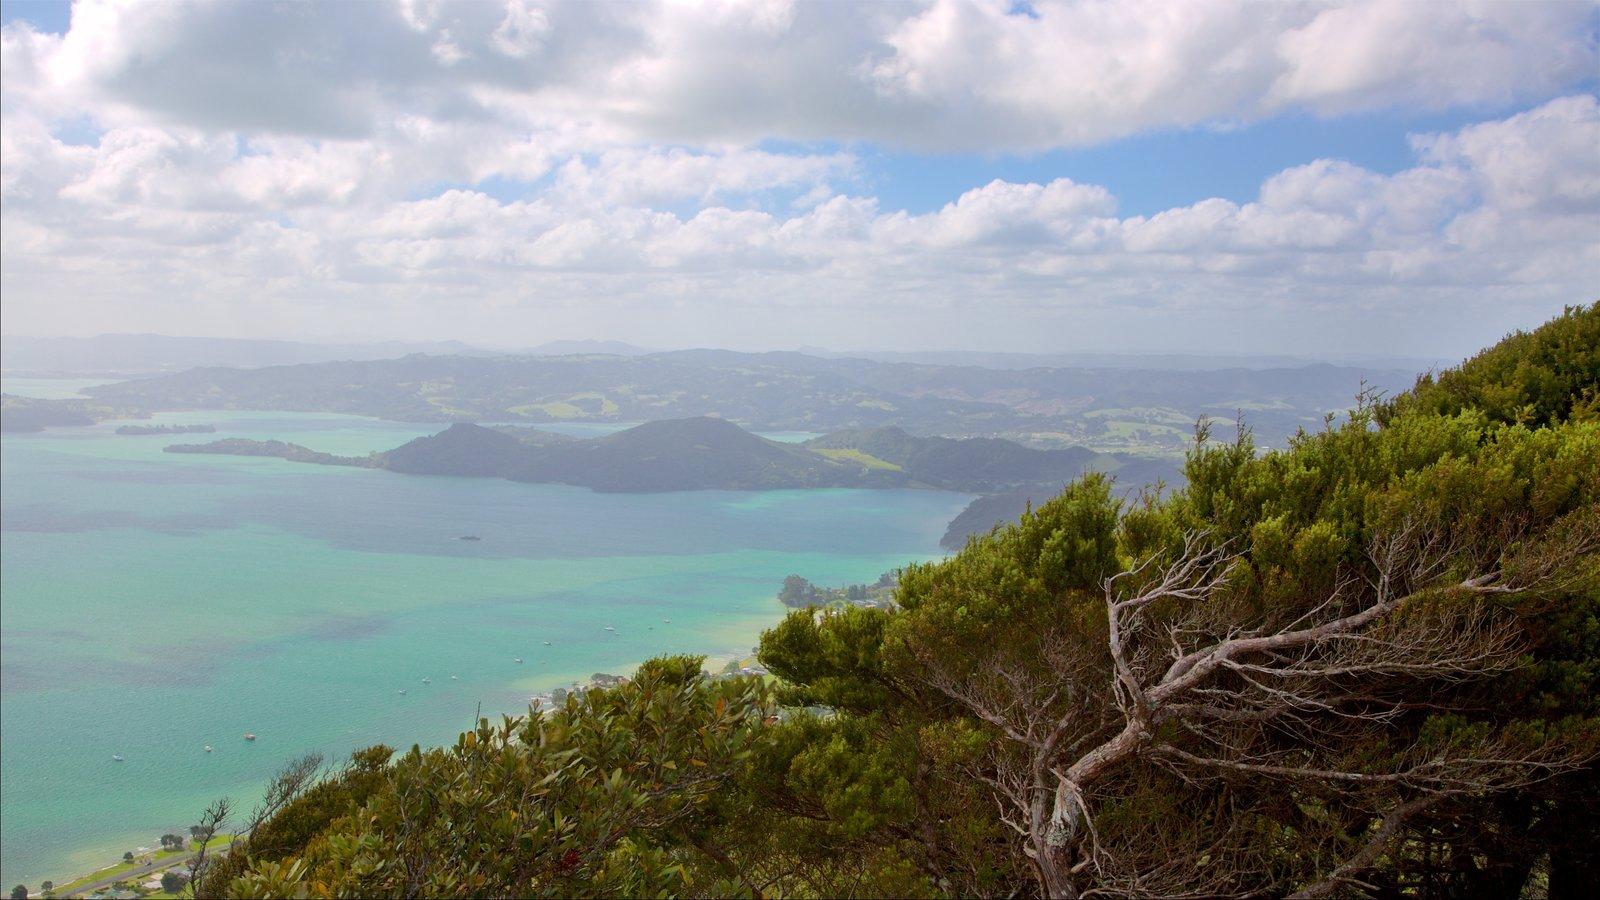 Mount Manaia mostrando una bahía o puerto y vistas de una isla